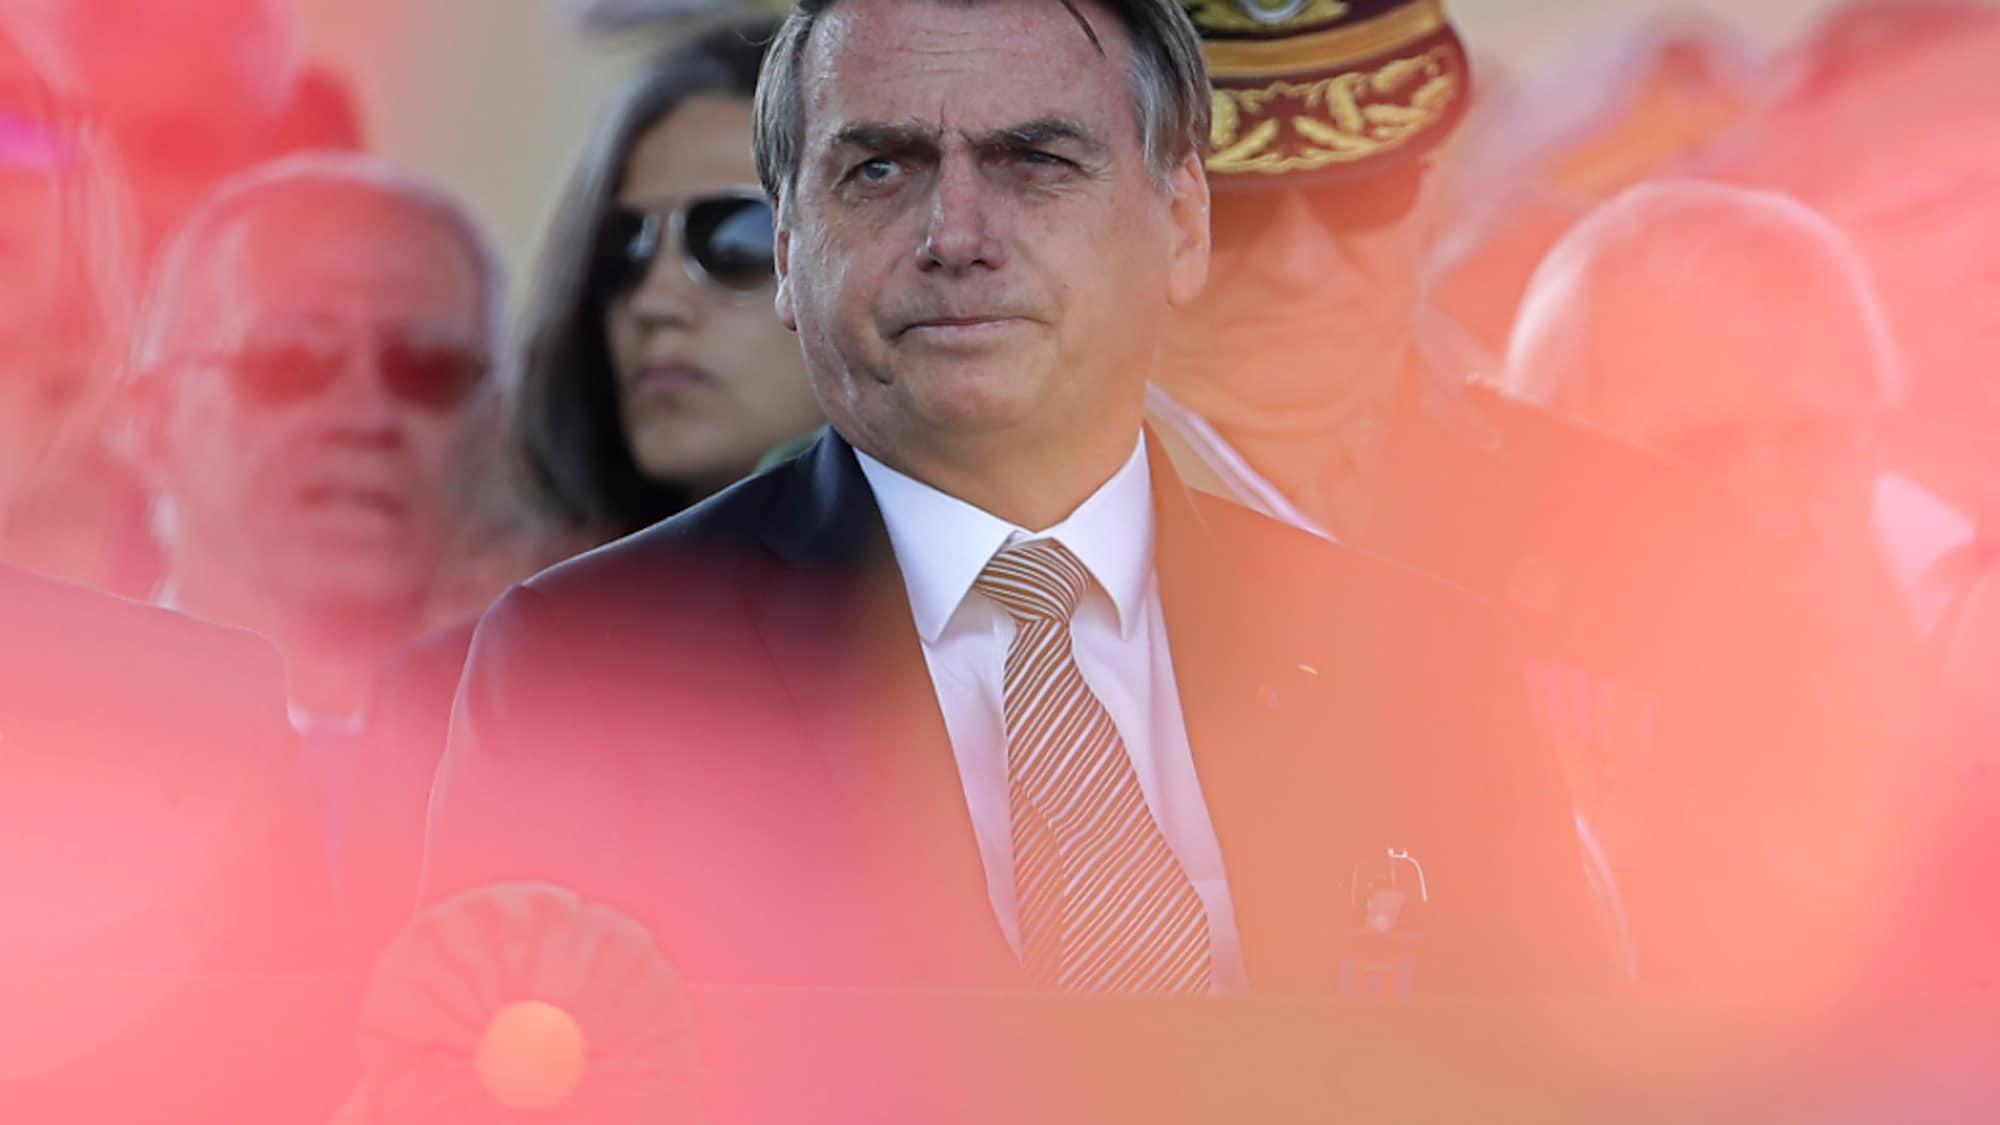 Brasilien: Unter Druck: Bolsonaro ordnet Armee-Einsatz gegen Waldbrände an